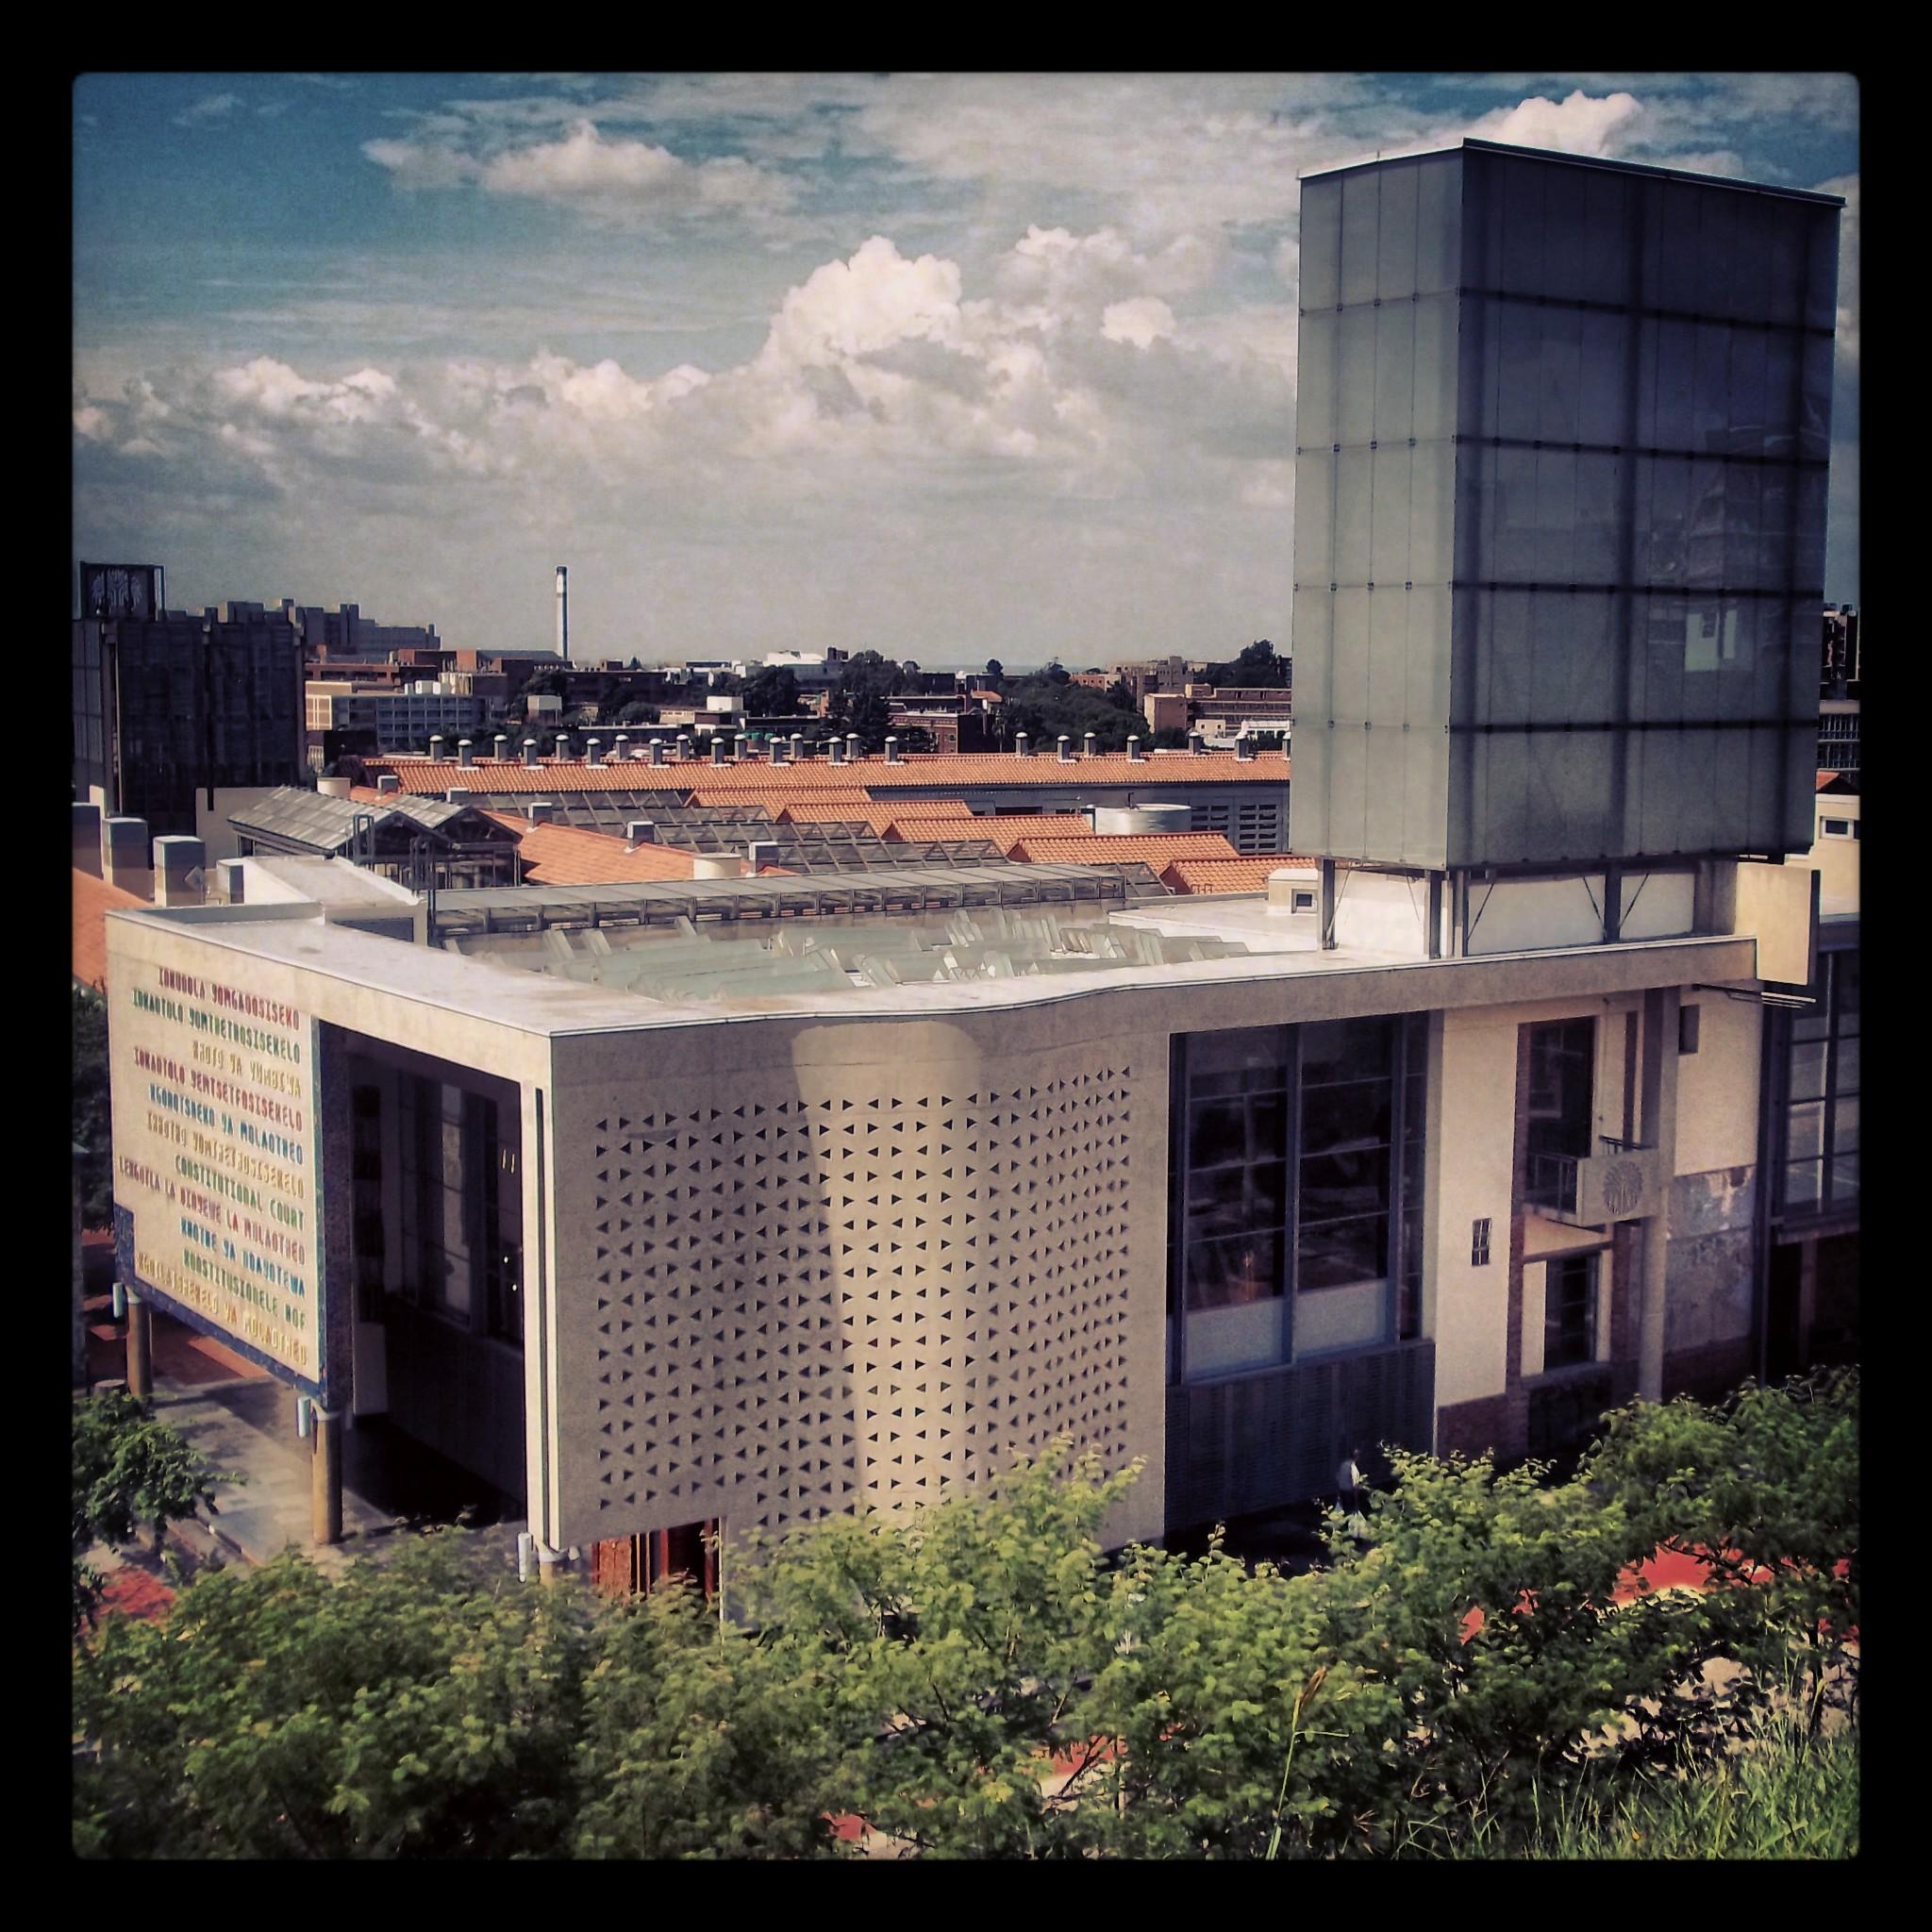 Constitutional Court, Braamfontein © Ben Winks